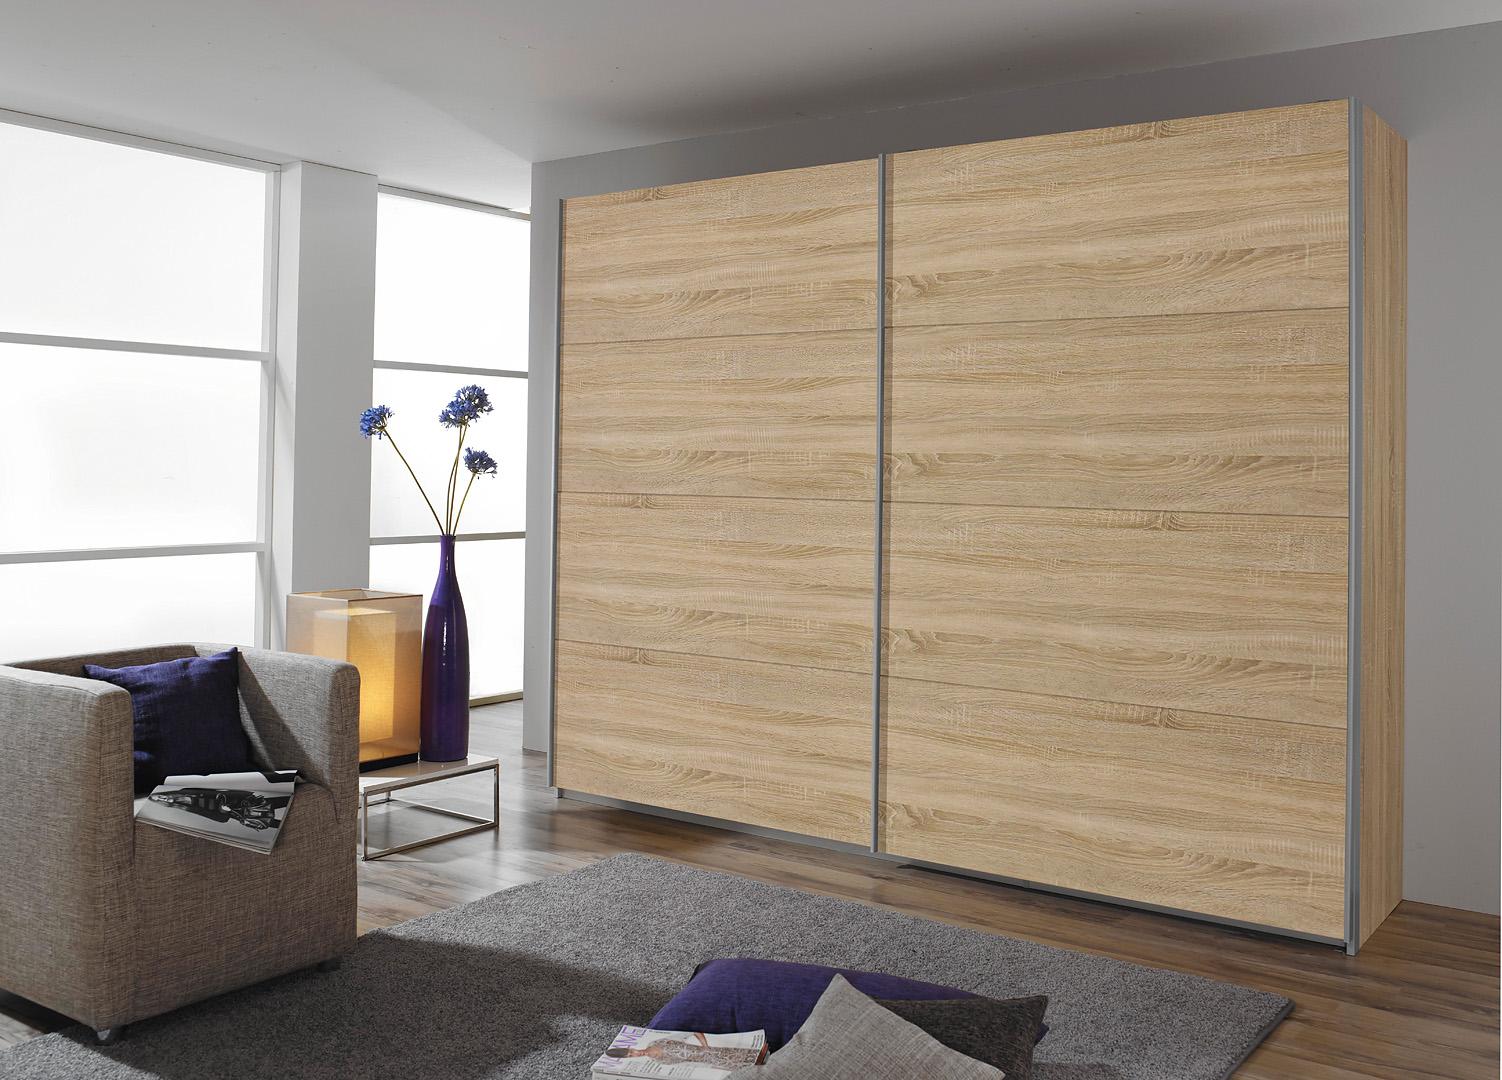 rauch schwebet renschrank quadra unifarben 5 breiten ebay. Black Bedroom Furniture Sets. Home Design Ideas